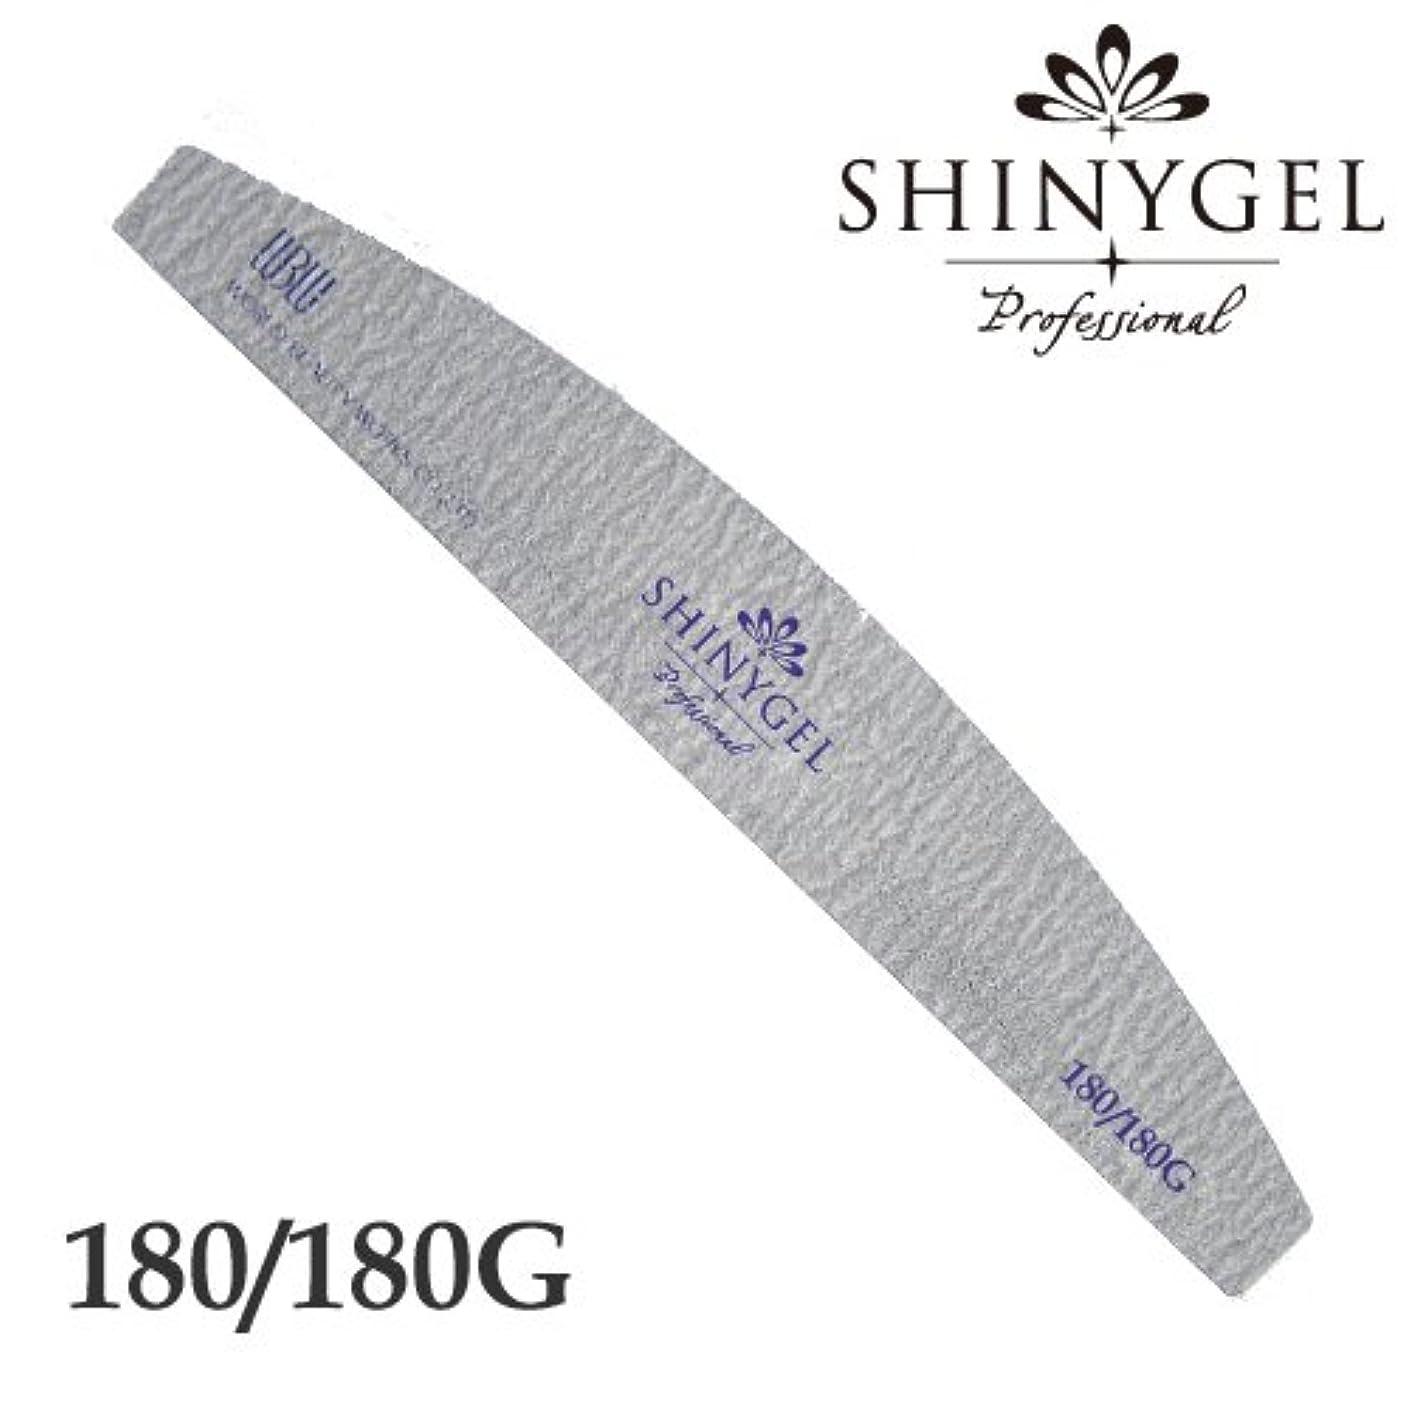 同級生たとえ教会SHINYGEL Professional シャイニージェルプロフェッショナル ゼブラファイル ホワイト(アーチ型) 180/180G ジェルネイル 爪やすり